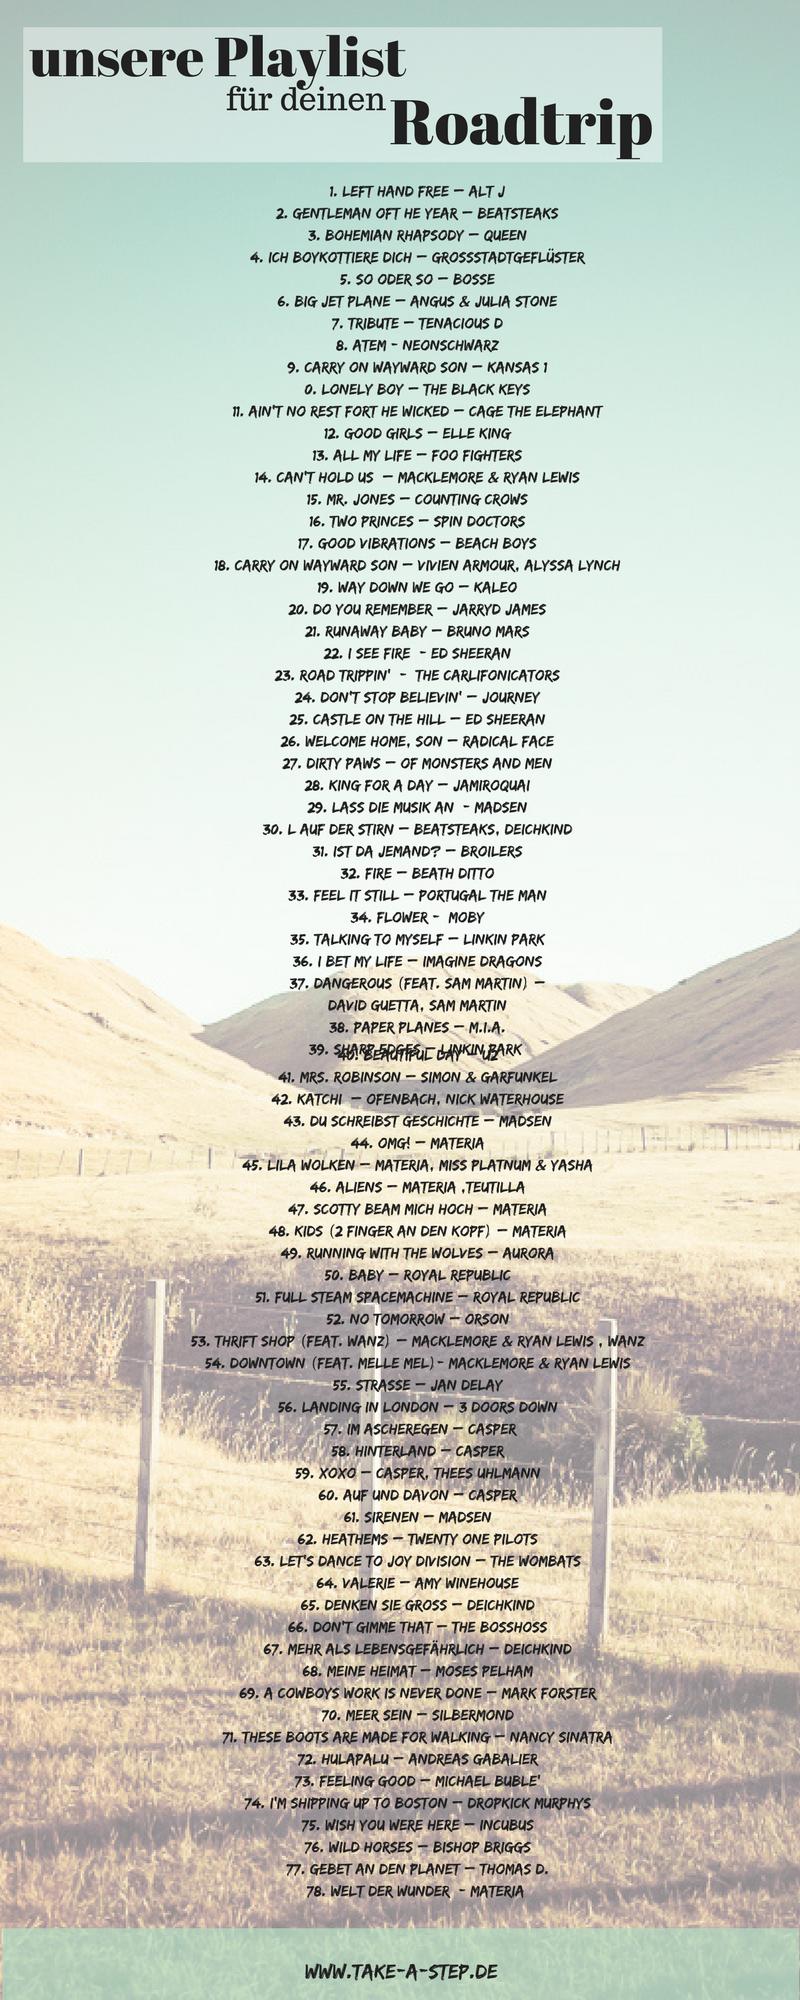 Die #Playlist für deinen #Roadtrip. Auch bei #Spotify. Der #Soundtrack mit der besten #Musik für deine #Reise.